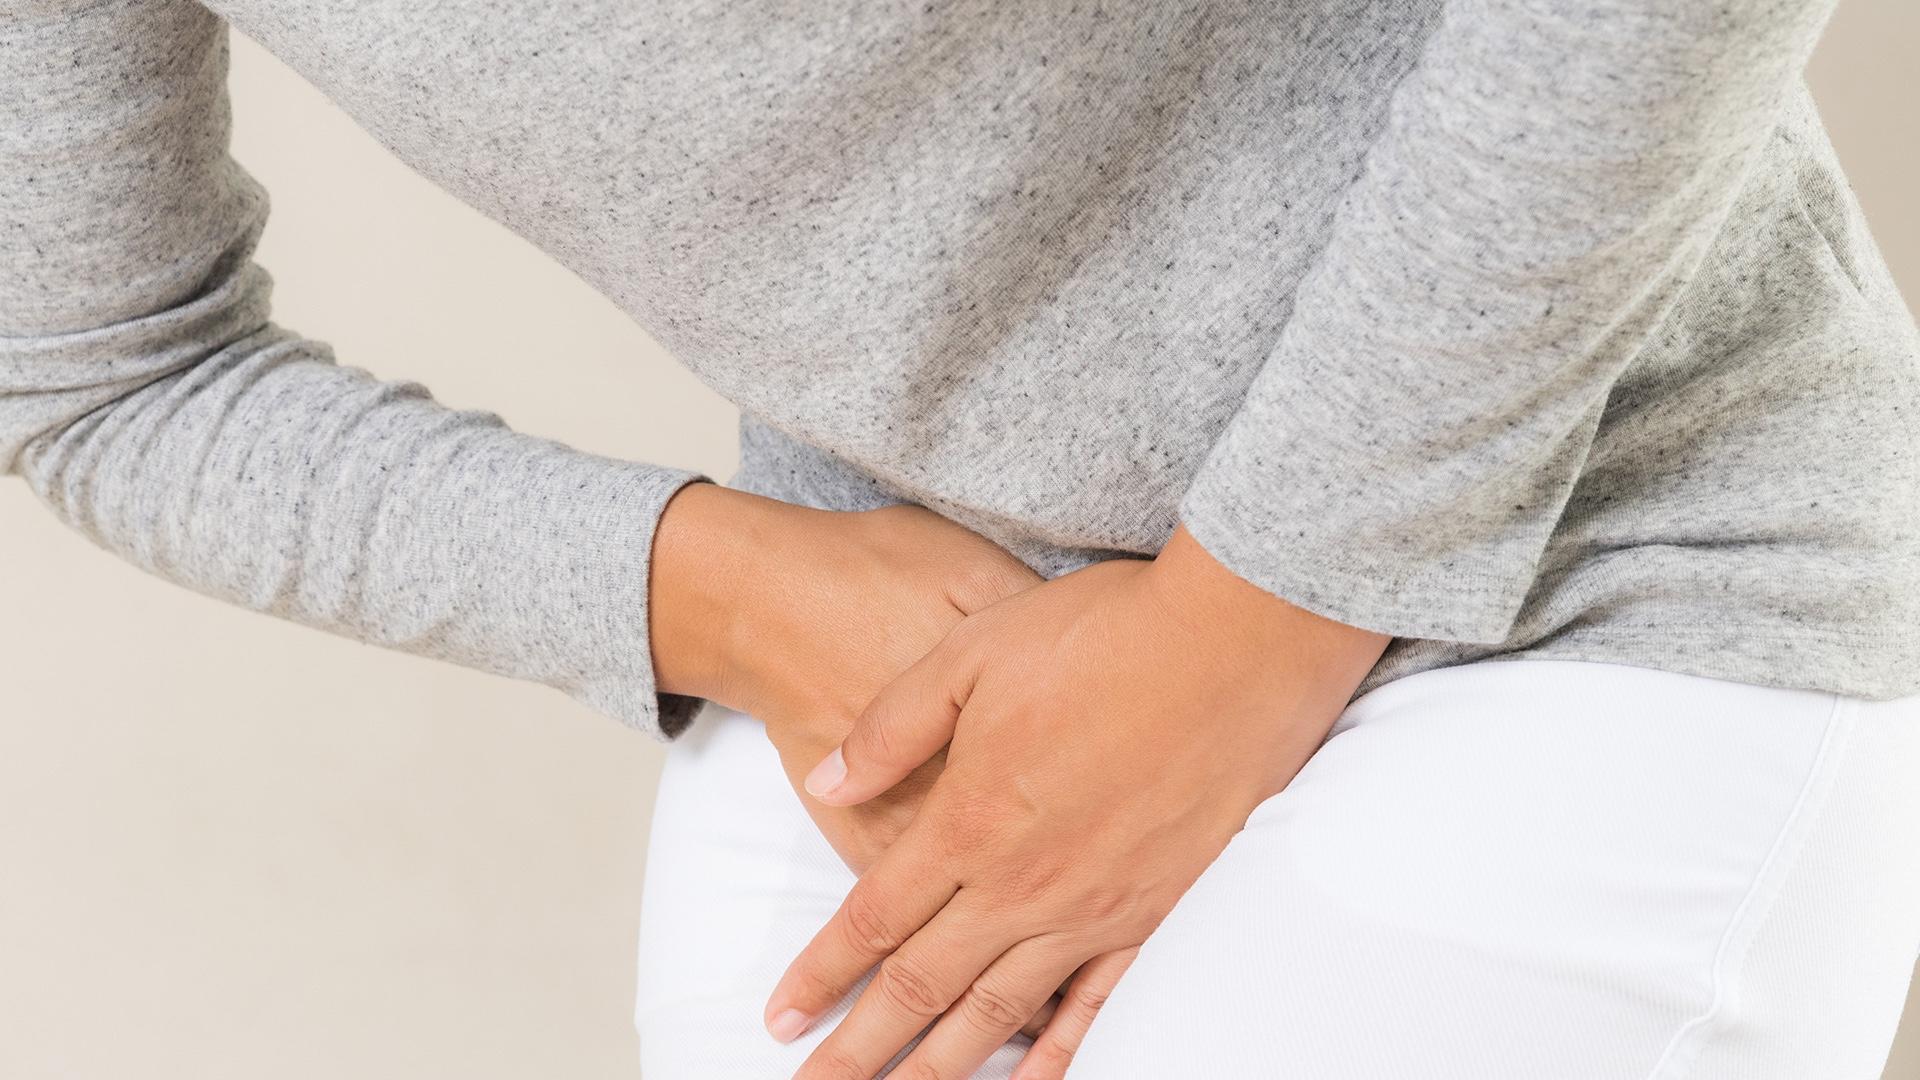 La douleur liée à l'arthrose de la hanche est située dans le pli de l'aine